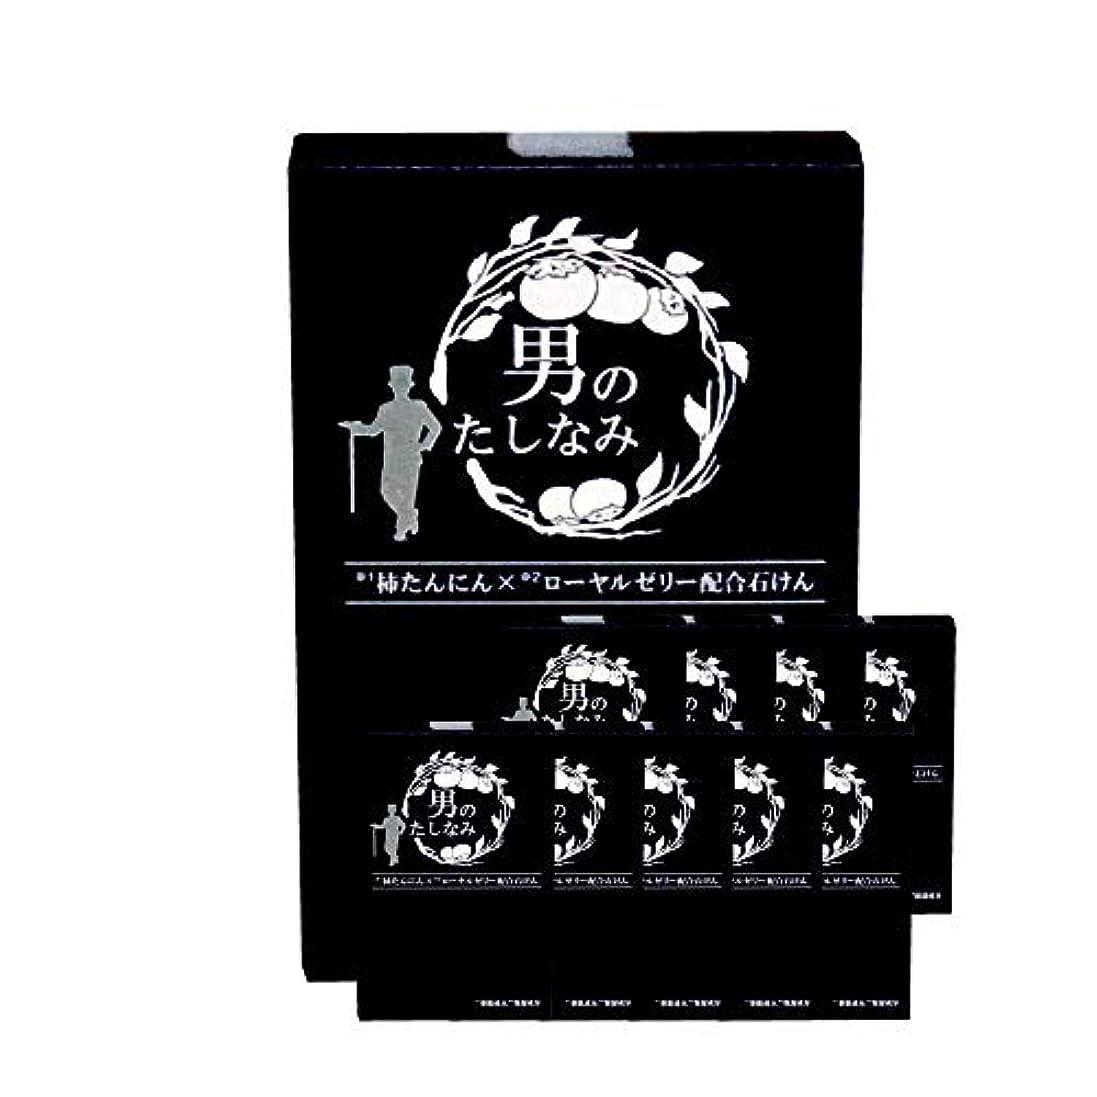 オーチャードスプレーループ柿渋石鹸 男のたしなみ 100g (10個セット)